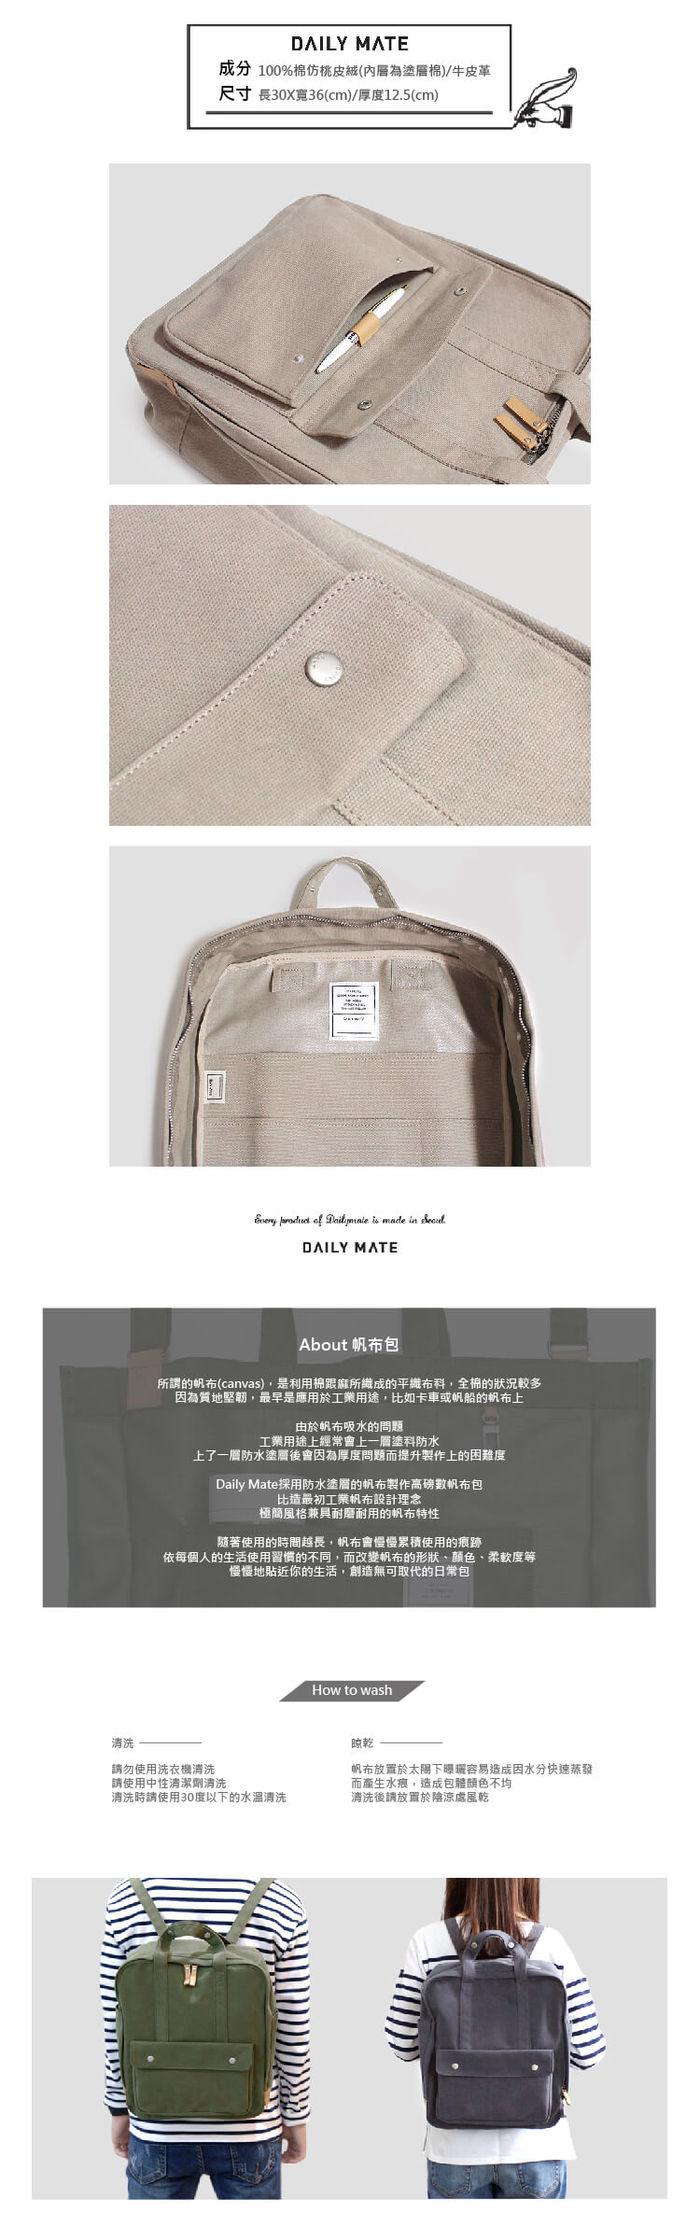 Daily mate|標準型後背包(米色)